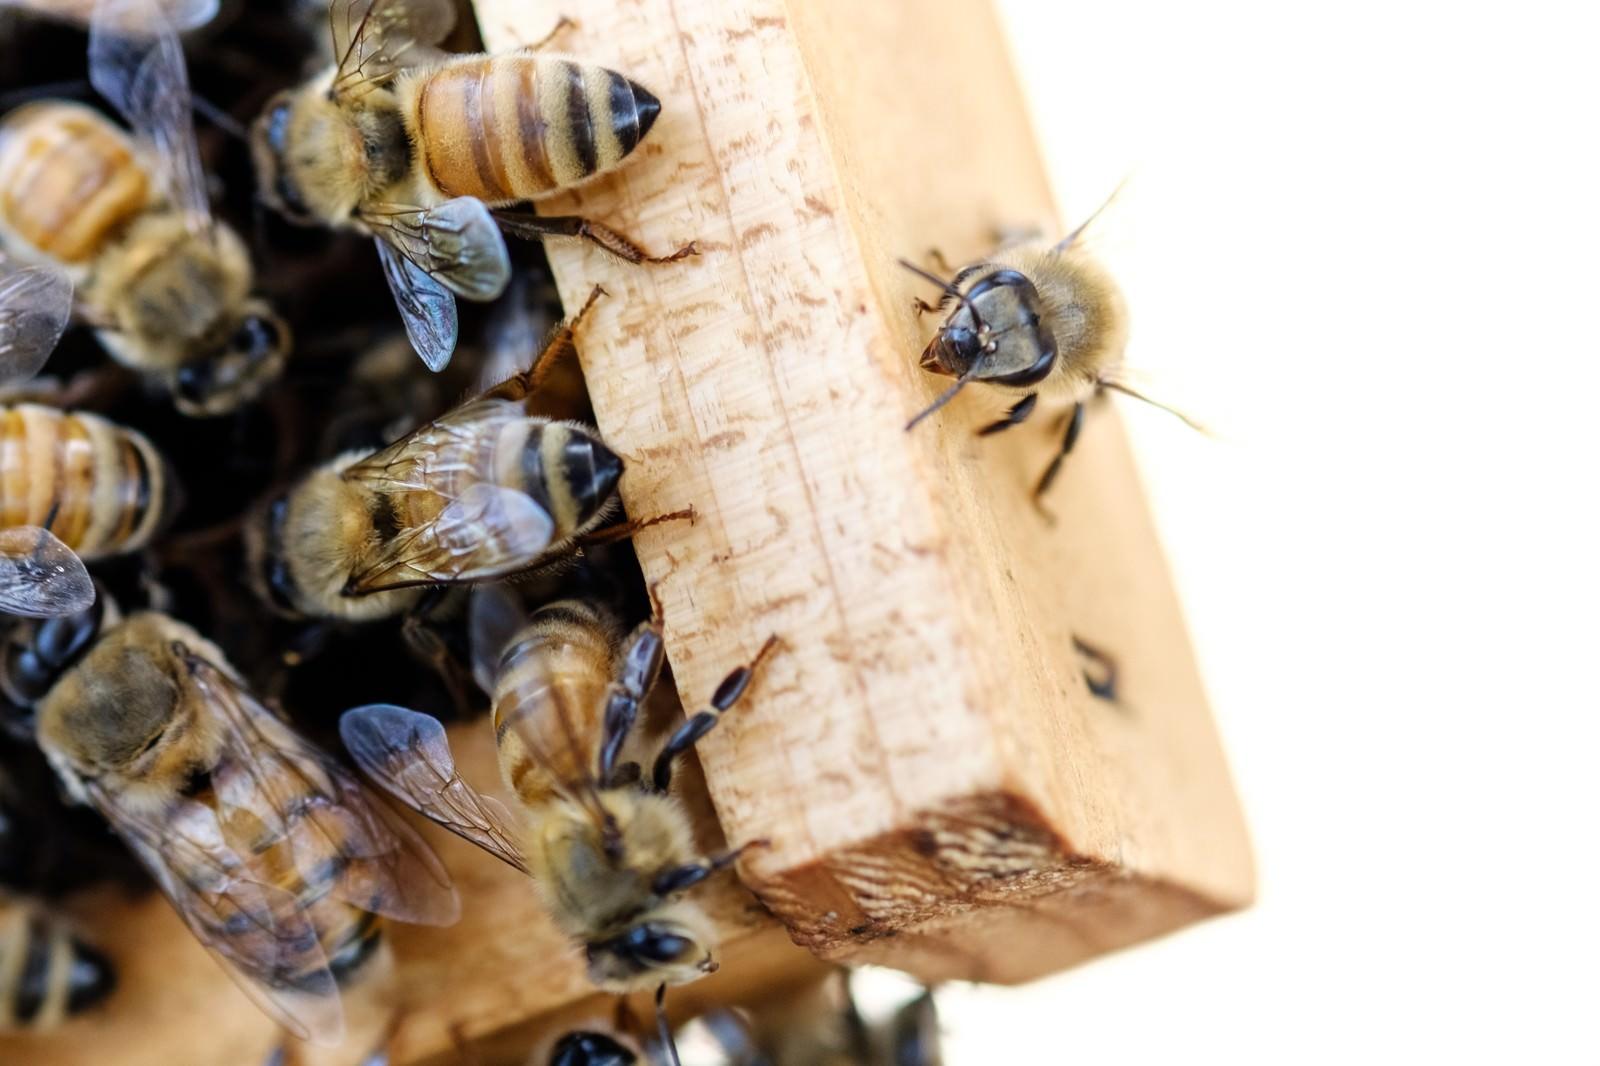 「オスバチと働きバチ(左下がオスバチ)」の写真